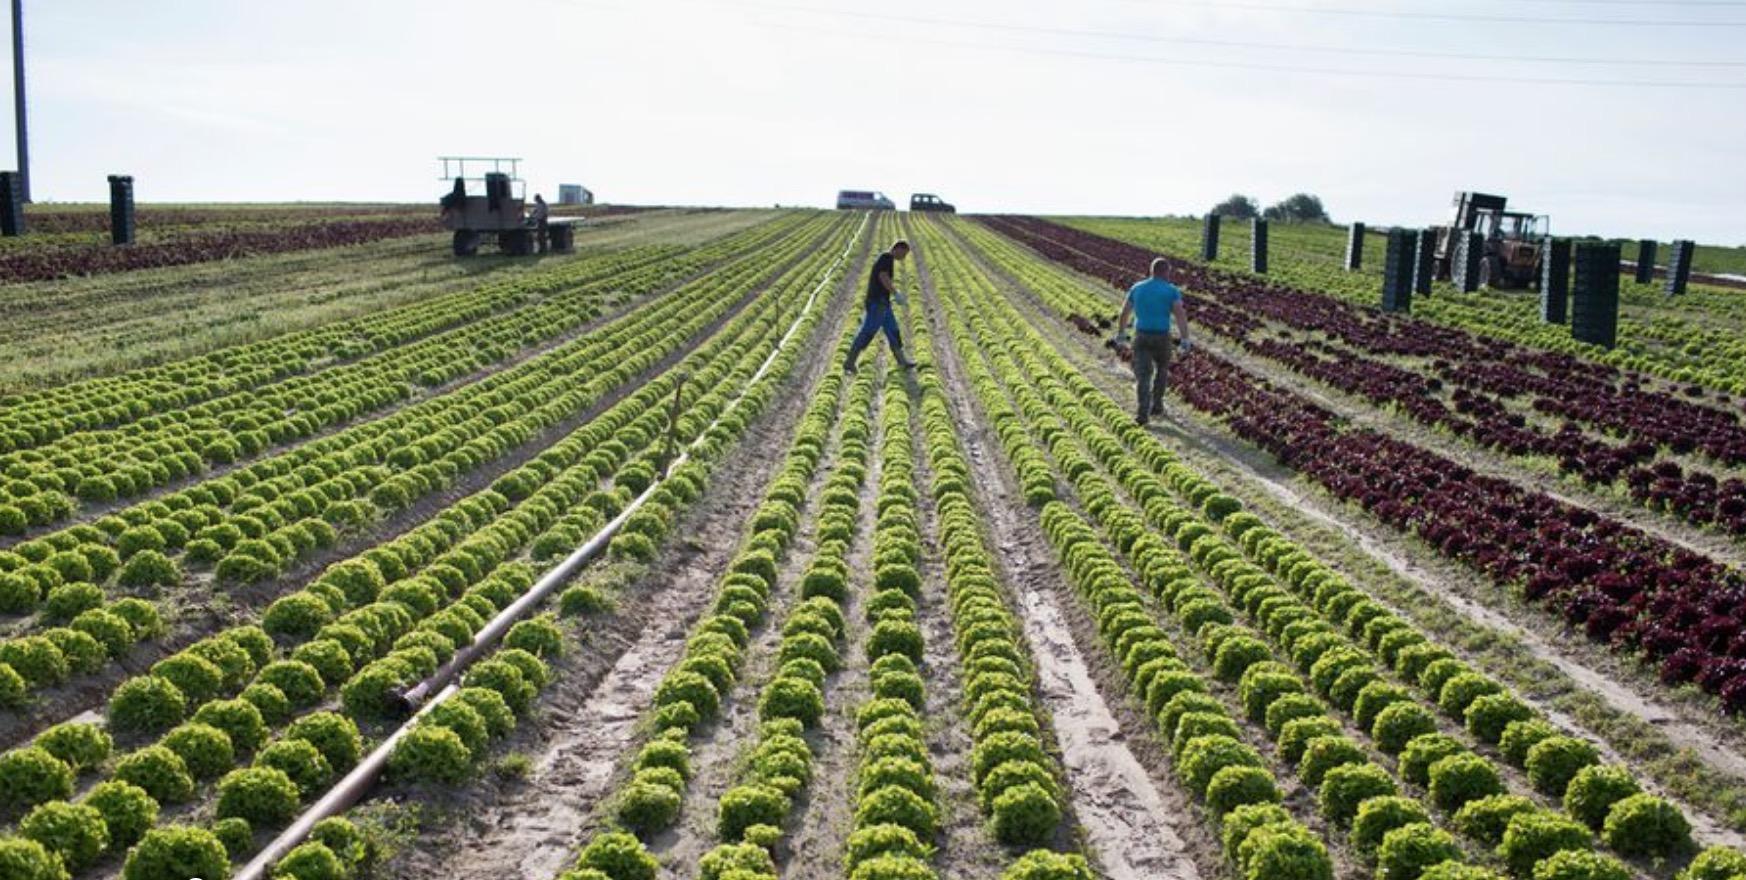 Le canton de Neuchâtel en Suisse devrait passer au bio ou biodynamique avec ses mille hectares de terres